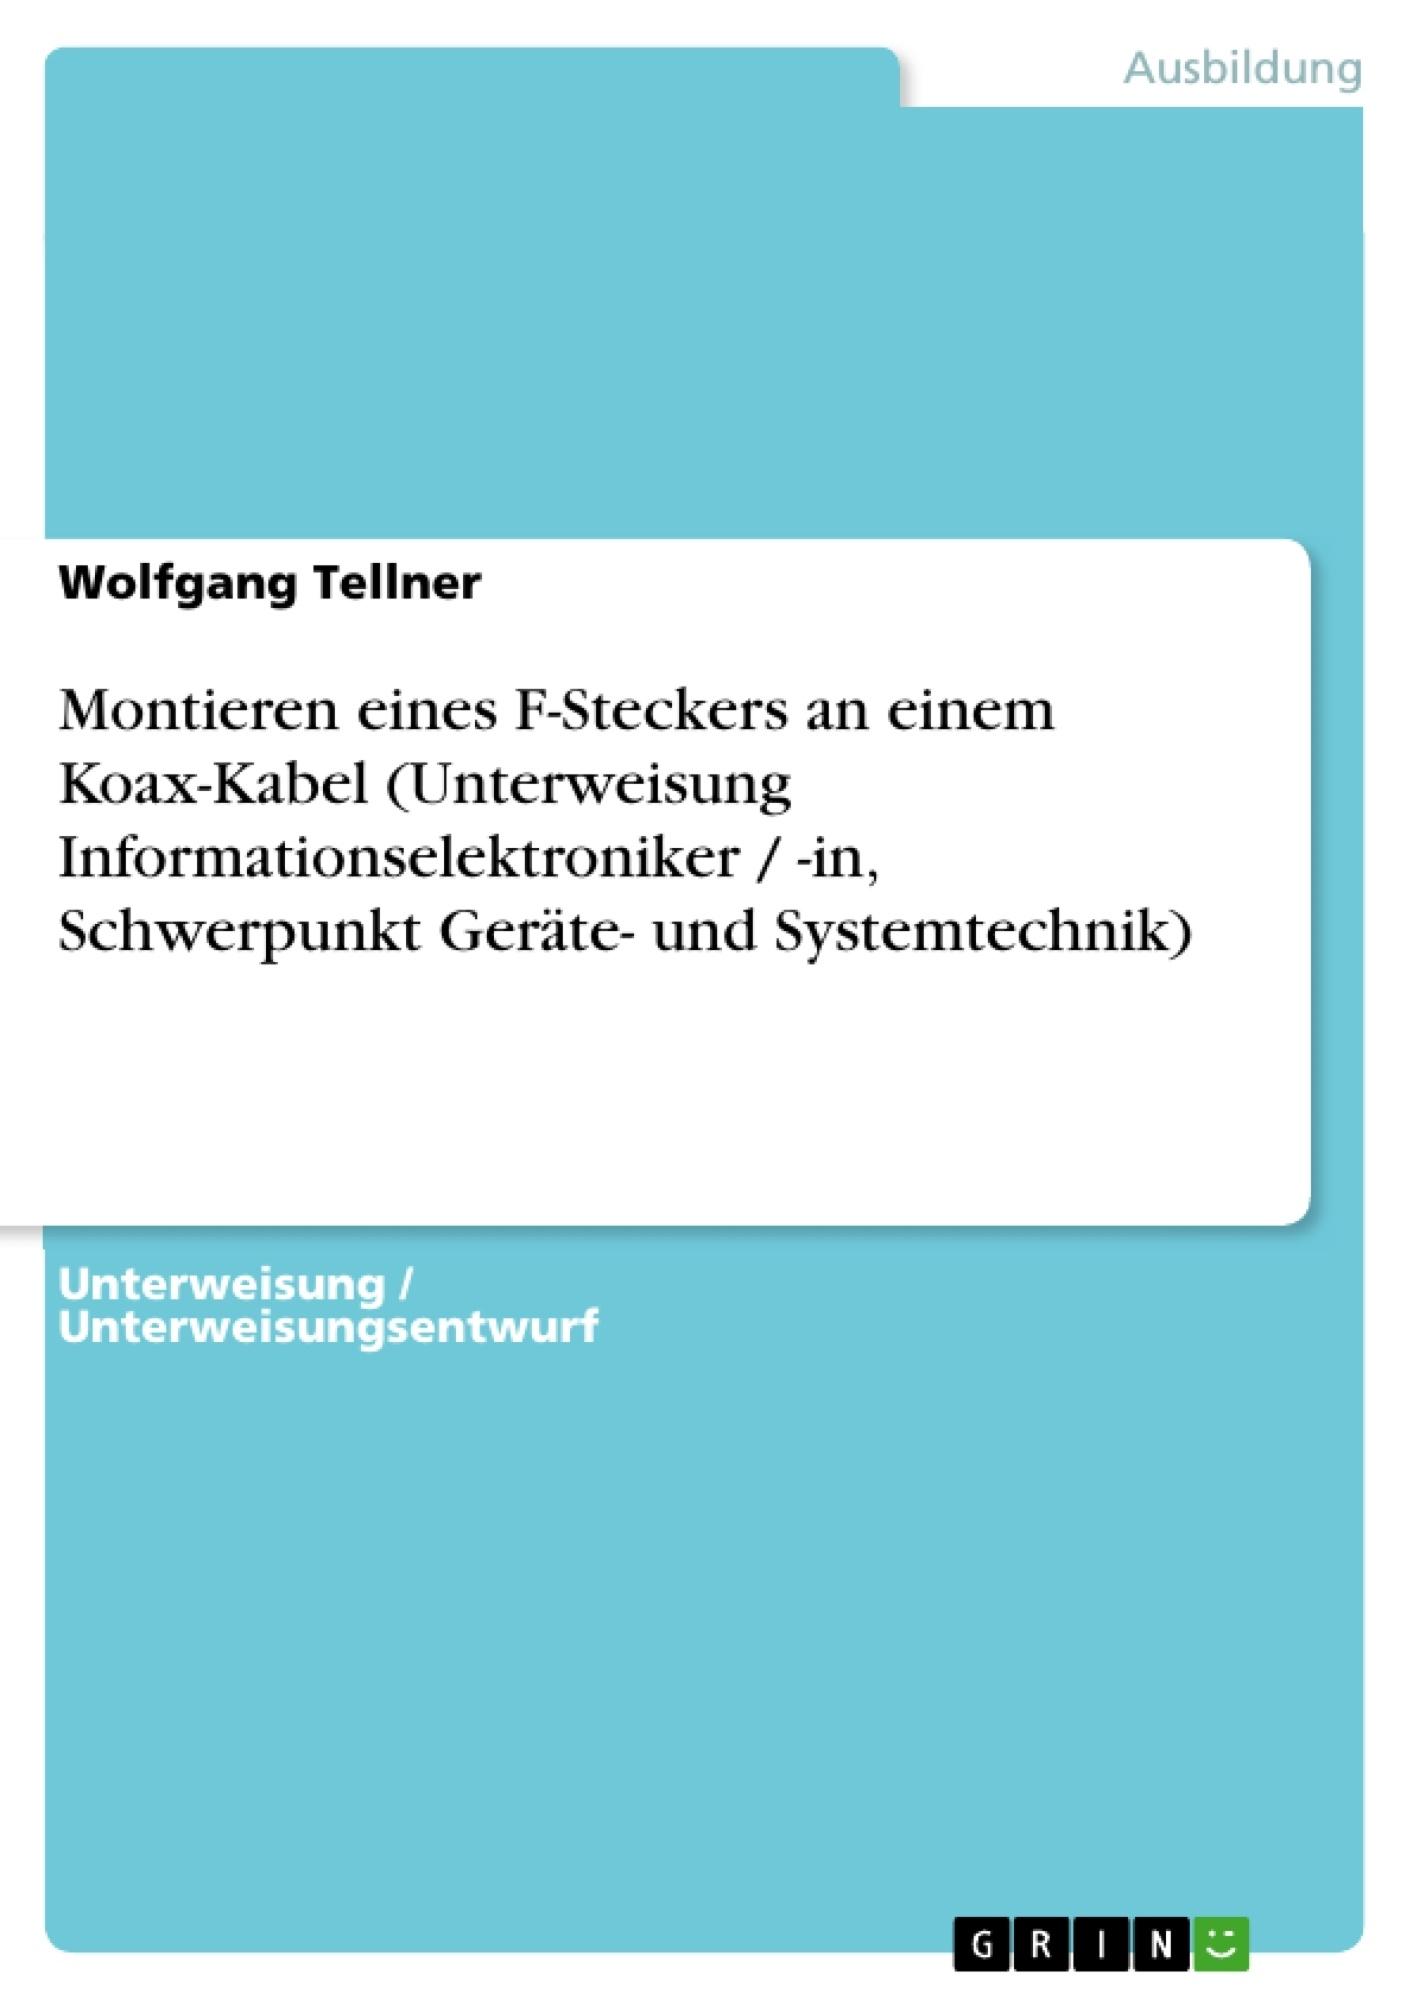 Titel: Montieren eines F-Steckers an einem Koax-Kabel (Unterweisung Informationselektroniker / -in, Schwerpunkt Geräte- und Systemtechnik)